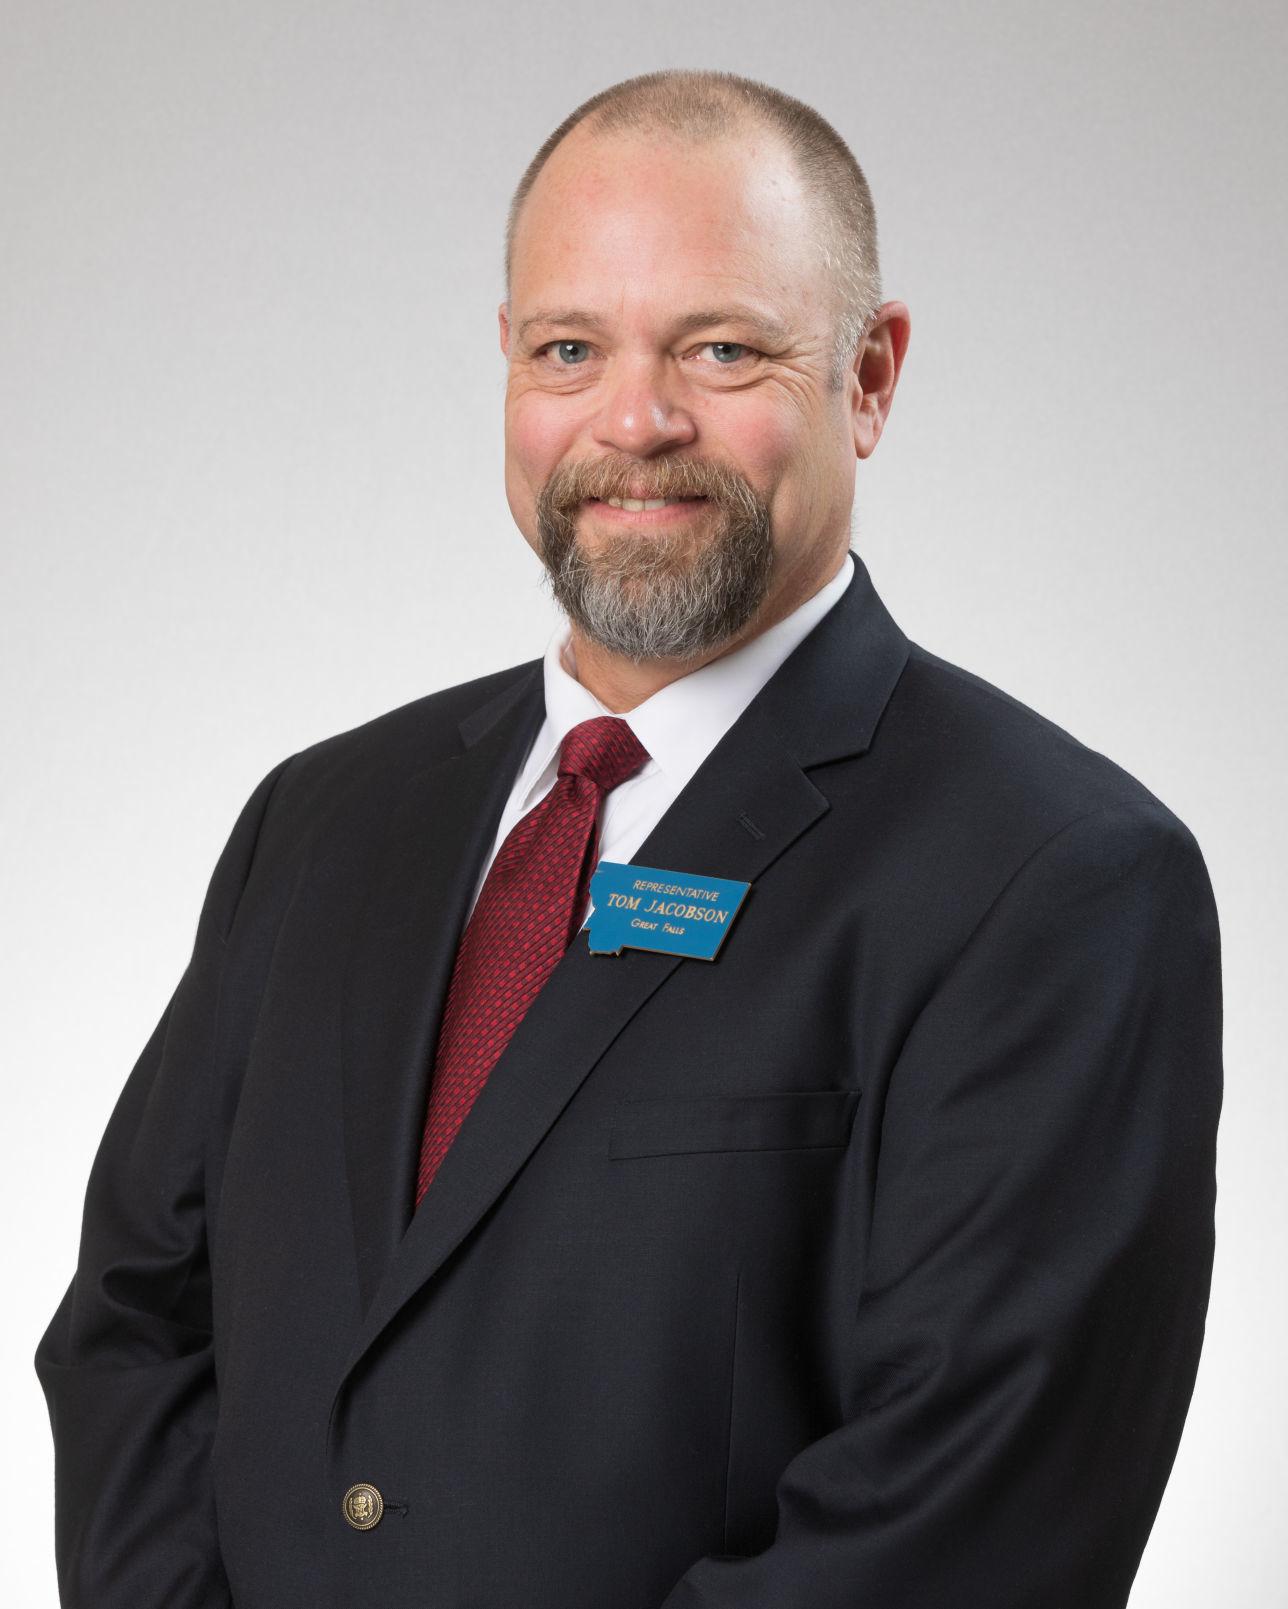 Sen. Tom Jacobson (D-Great Falls)